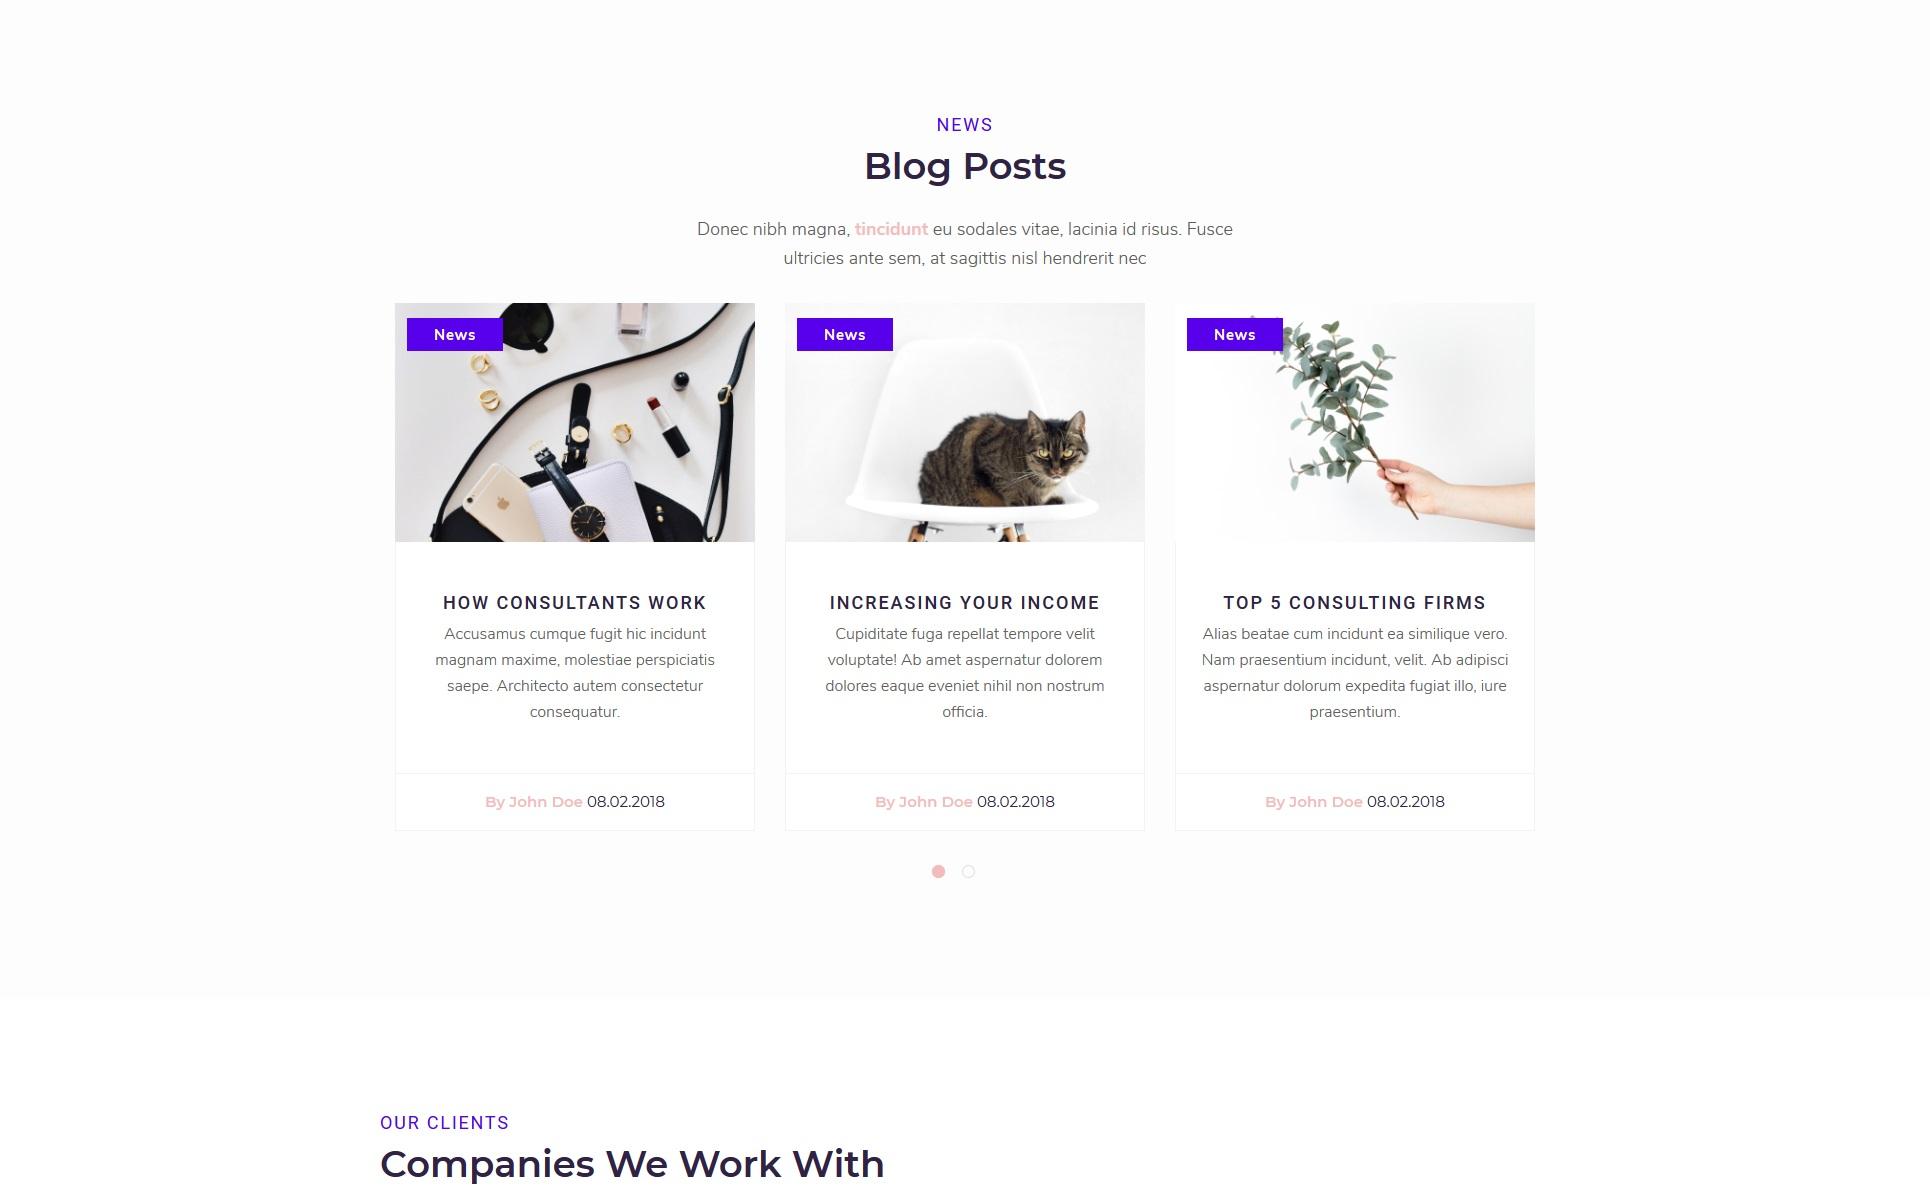 Plantilla para sitios web - Categoría: Negocios - versión para Desktop